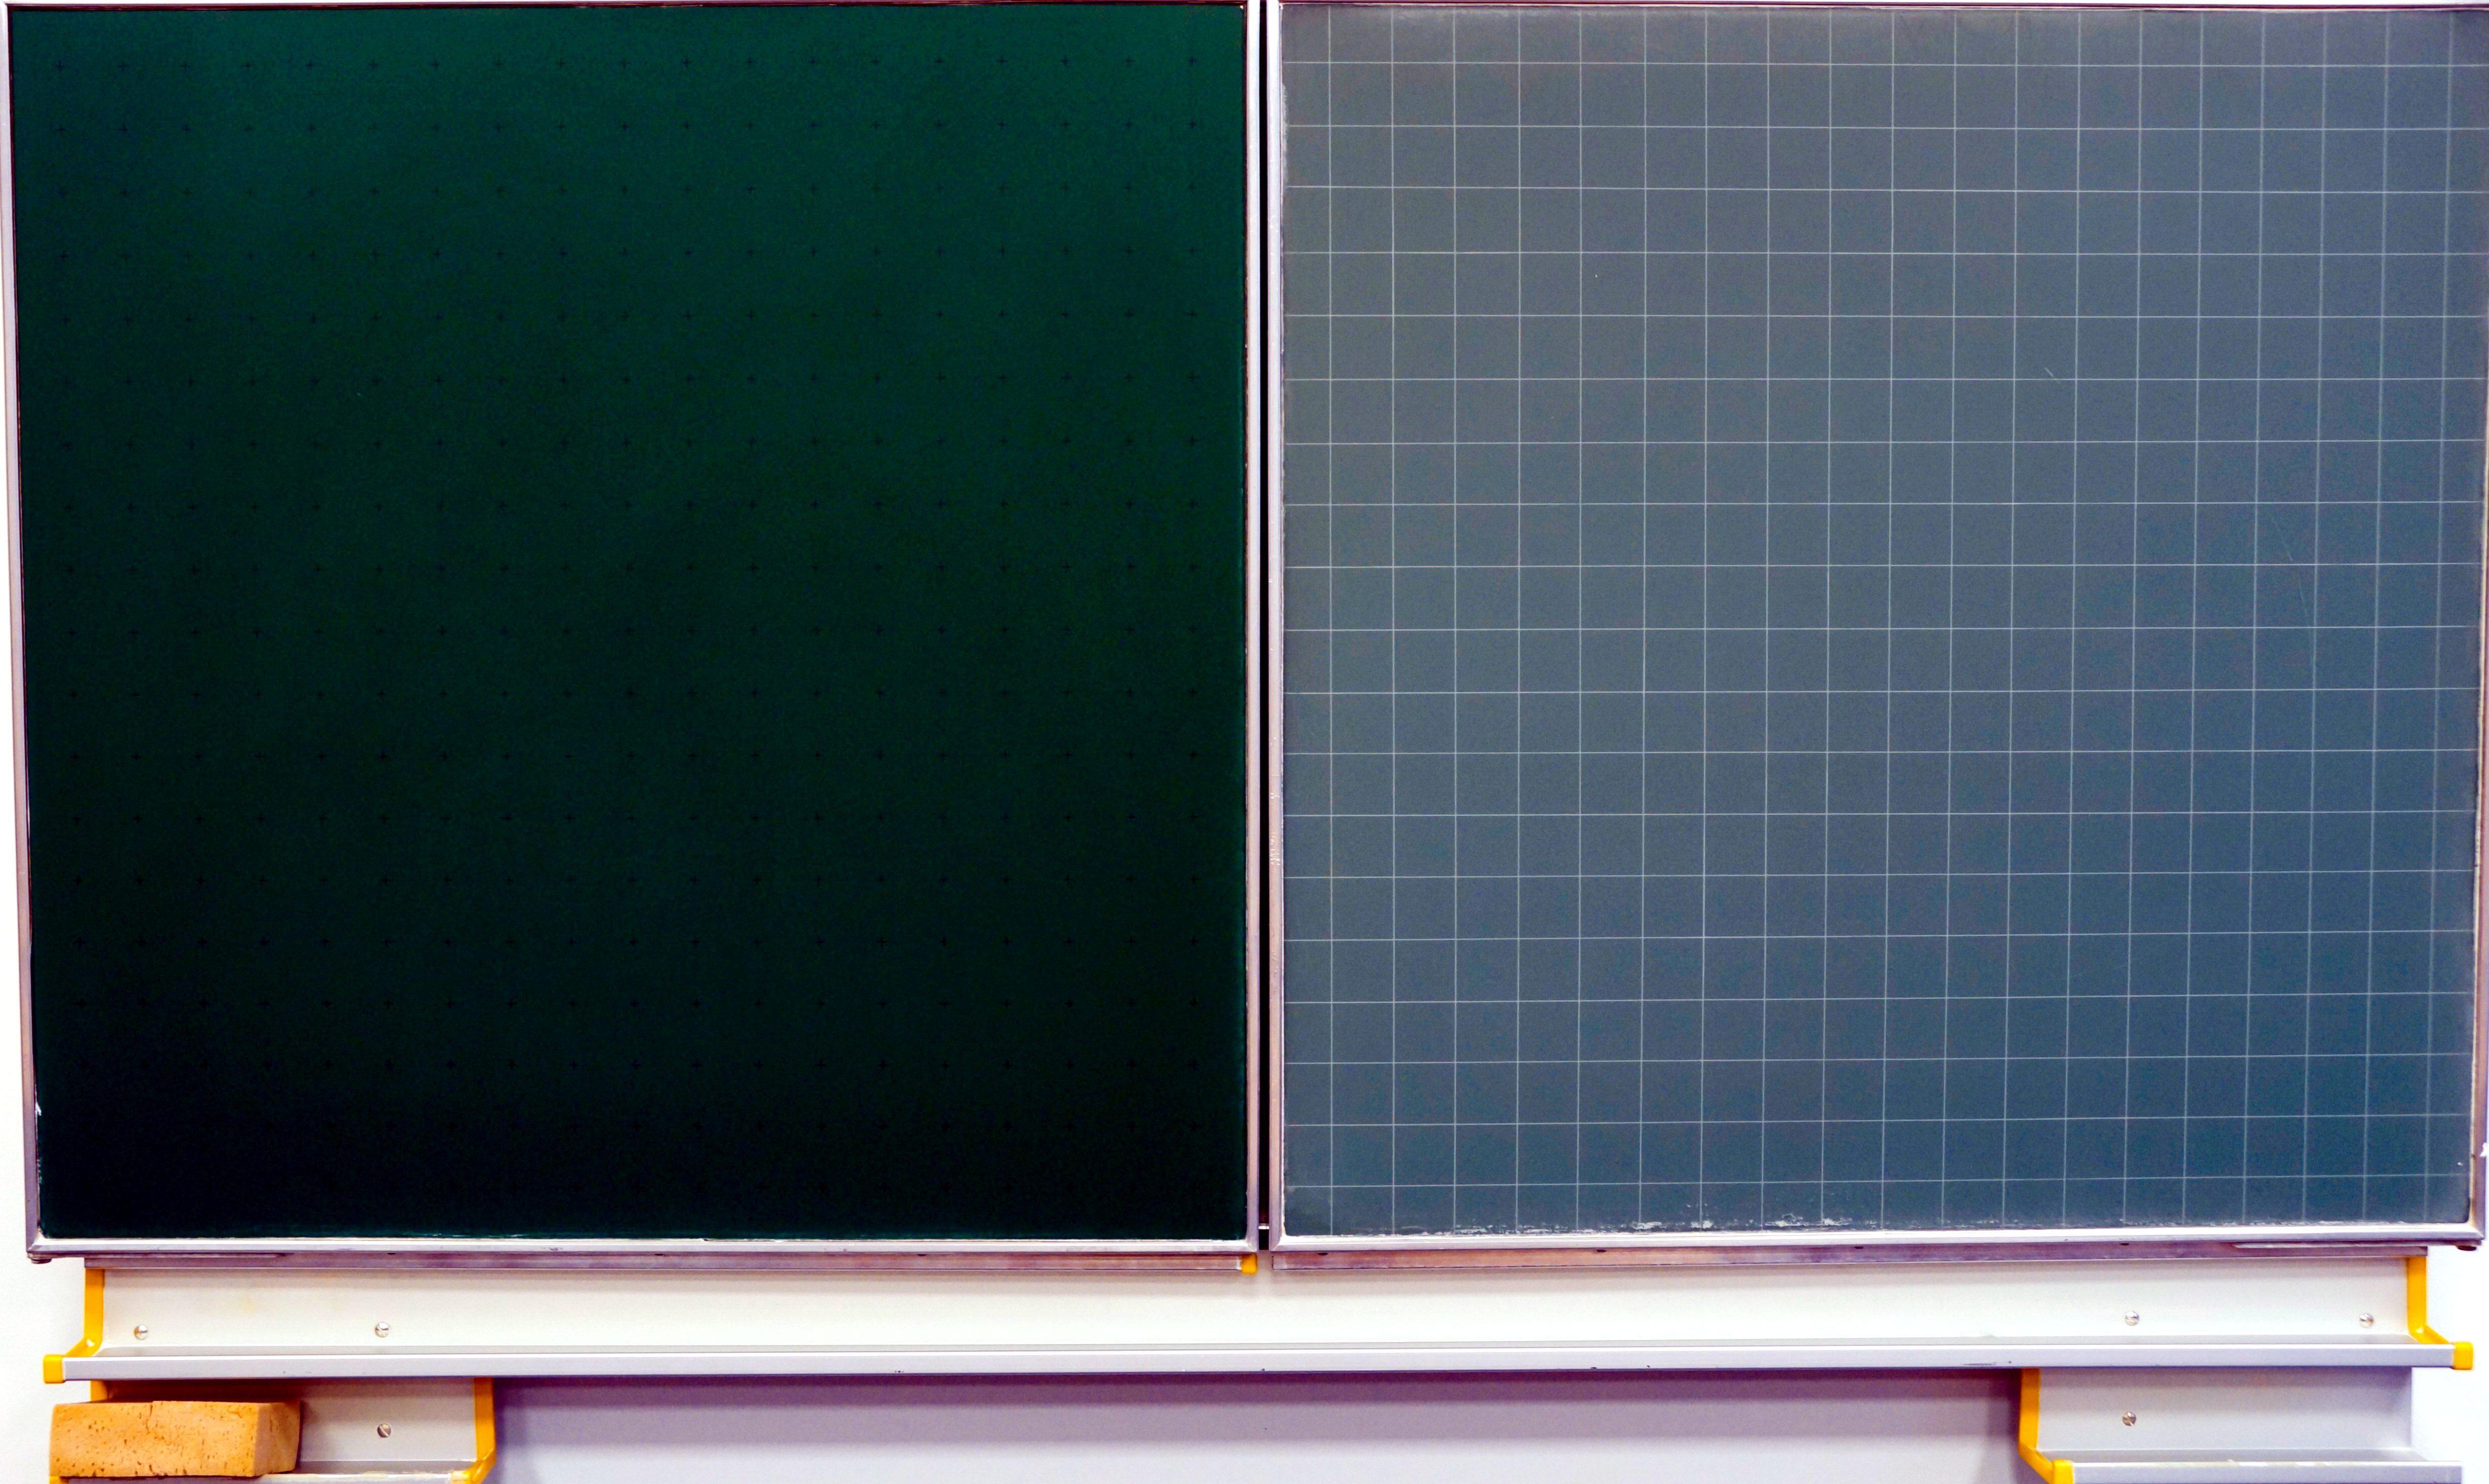 blank gridded chalkboard